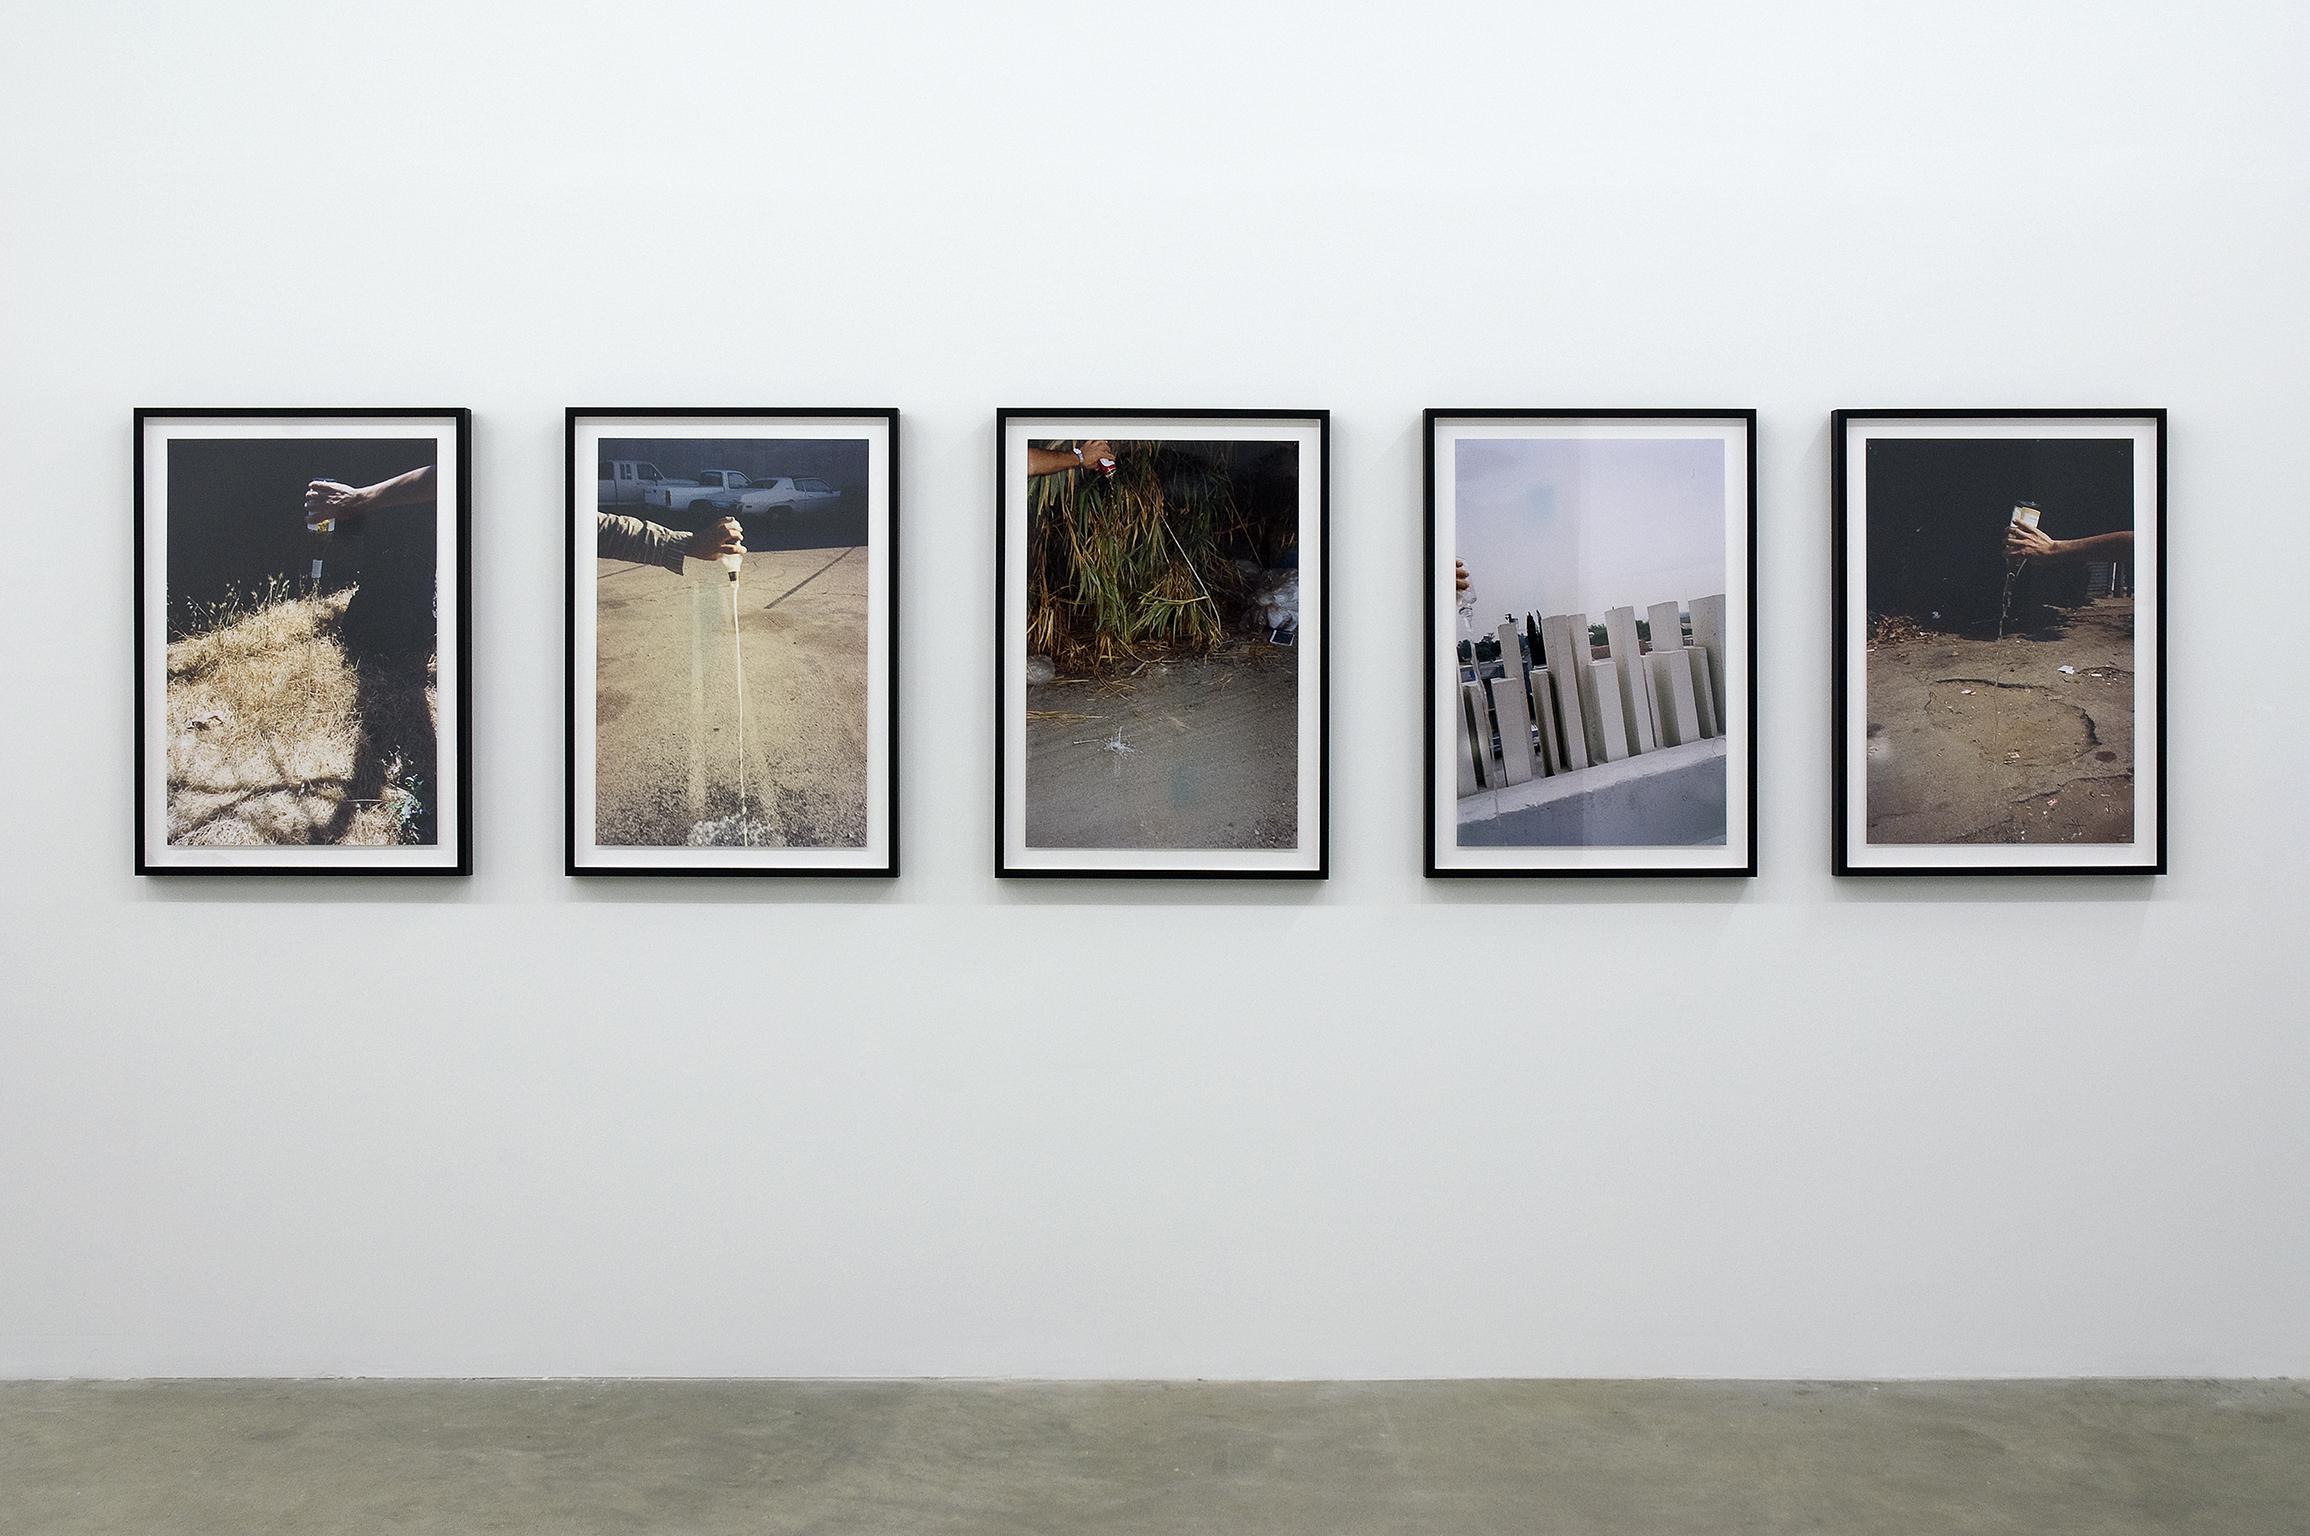 Sam Durant, Empty #11, Empty #22, Empty #16, Empty #5, Empty #20, 1993, c-prints, each 30 x 20 in. (76 x 51 cm) by